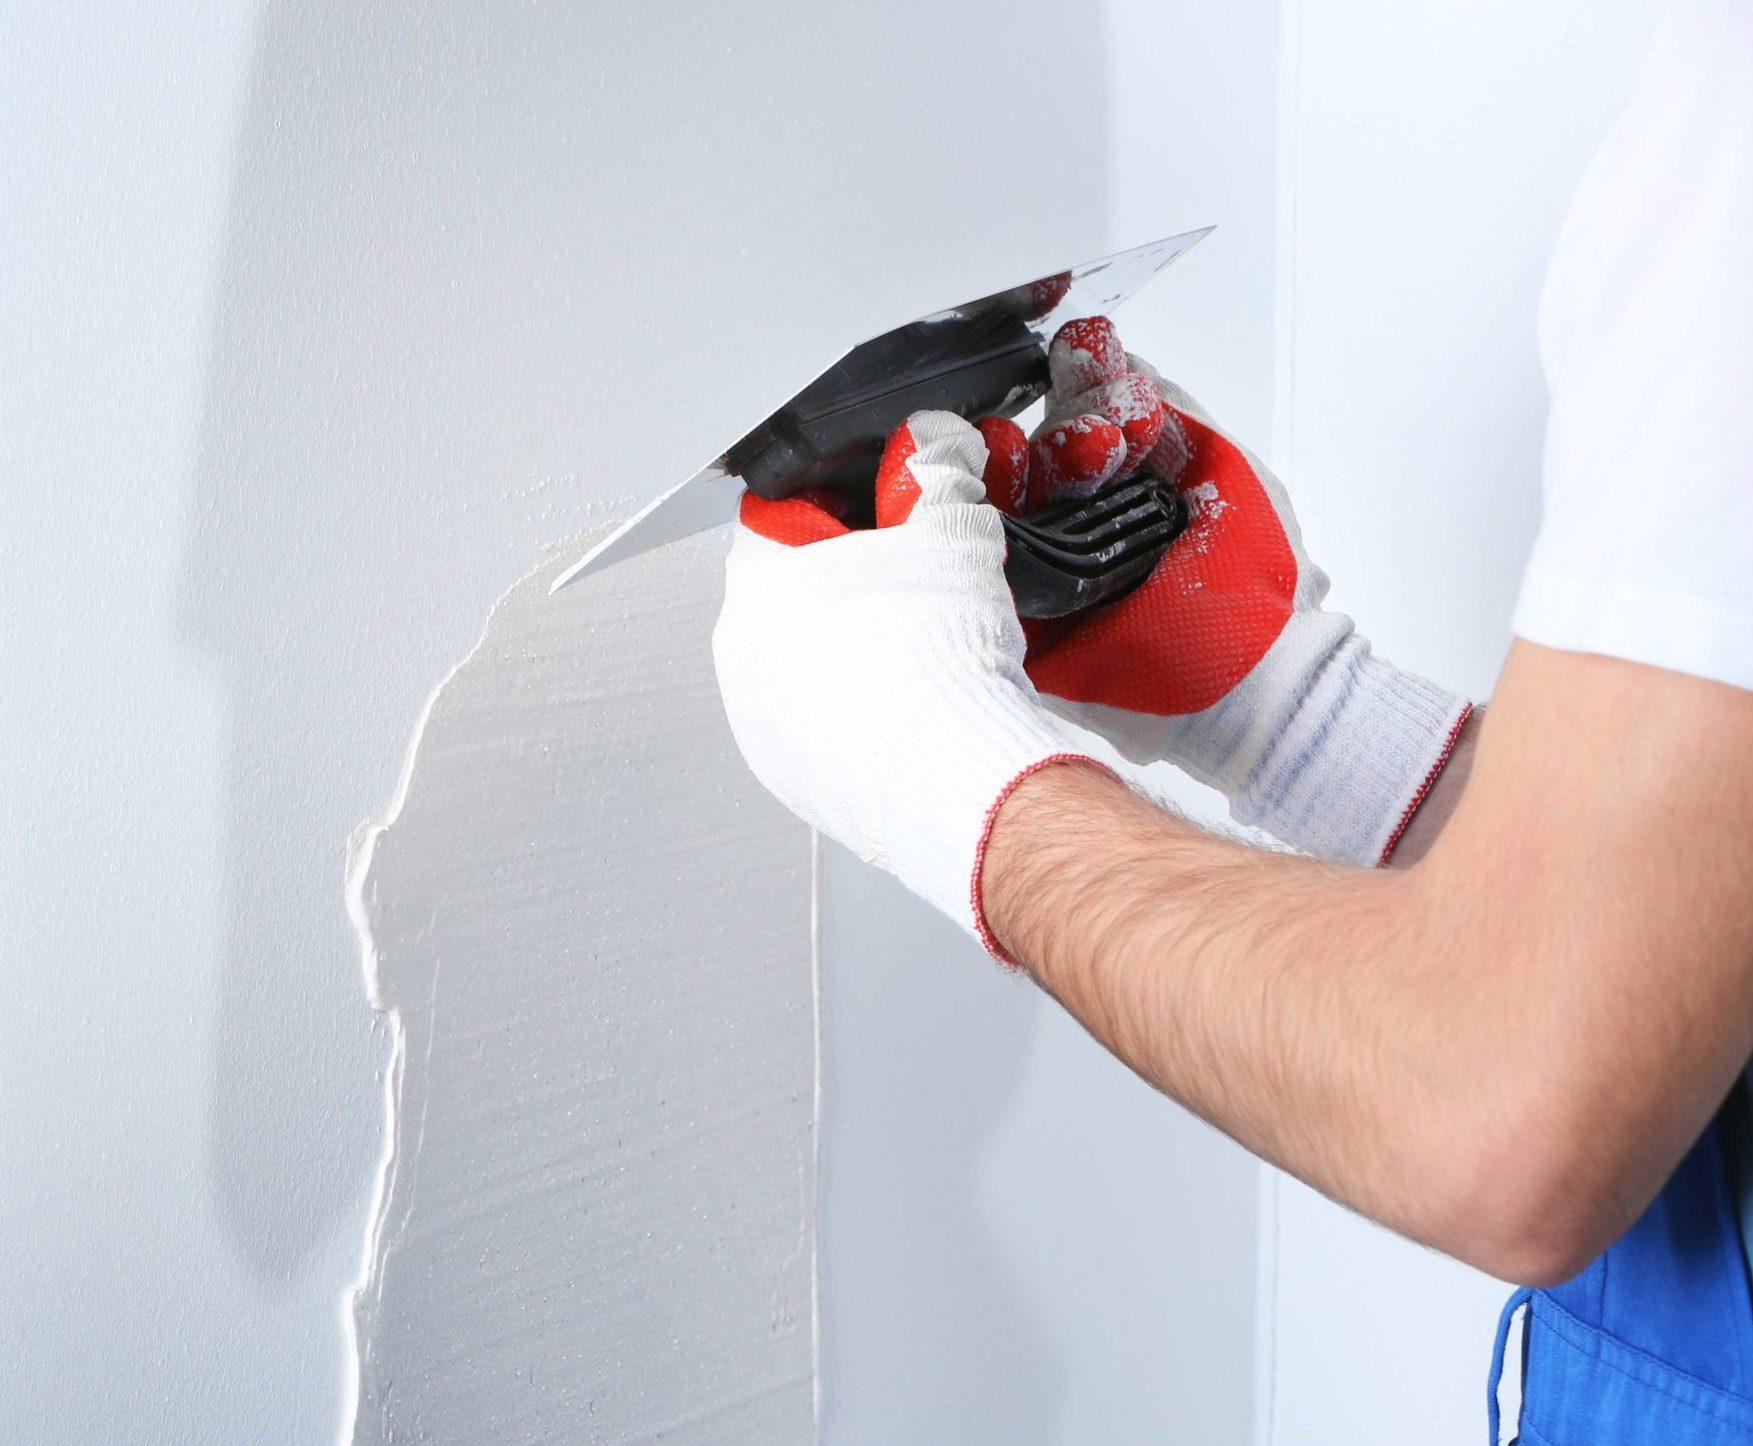 Handwerksleistungen mit Maler- und Spachtelarbeiten